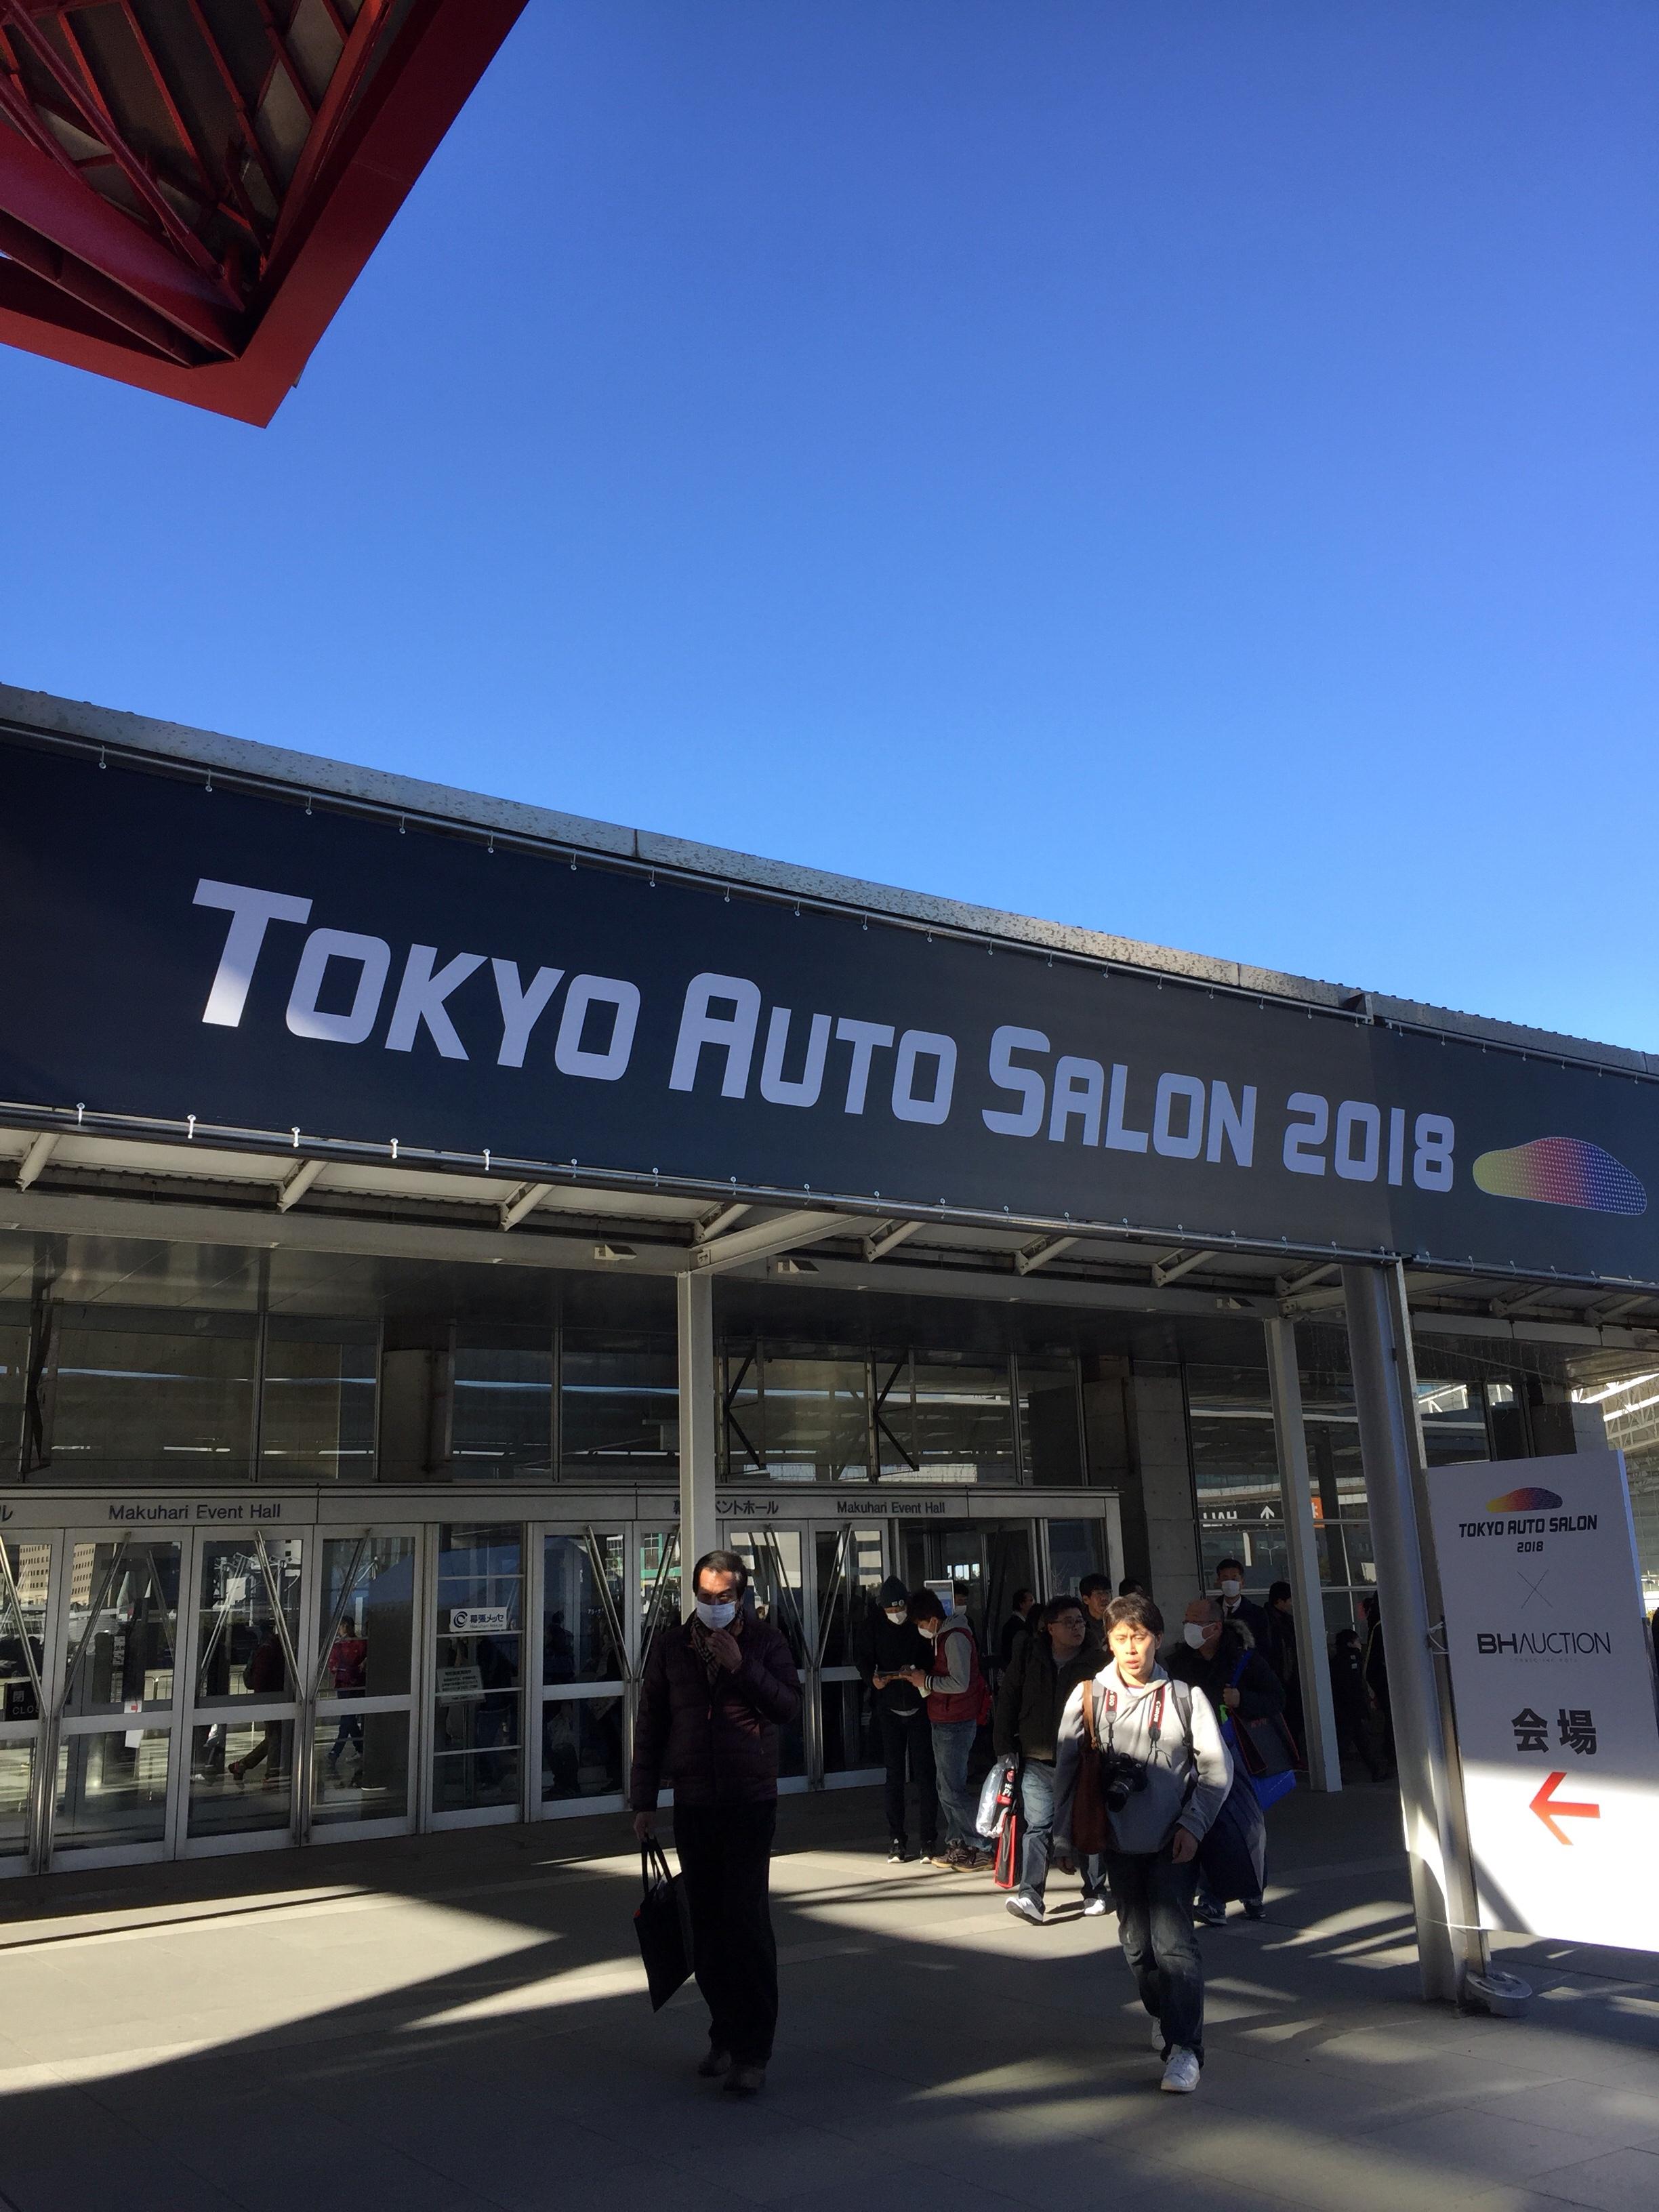 TOKYO AUTO SALON 2018へ行ってきました!